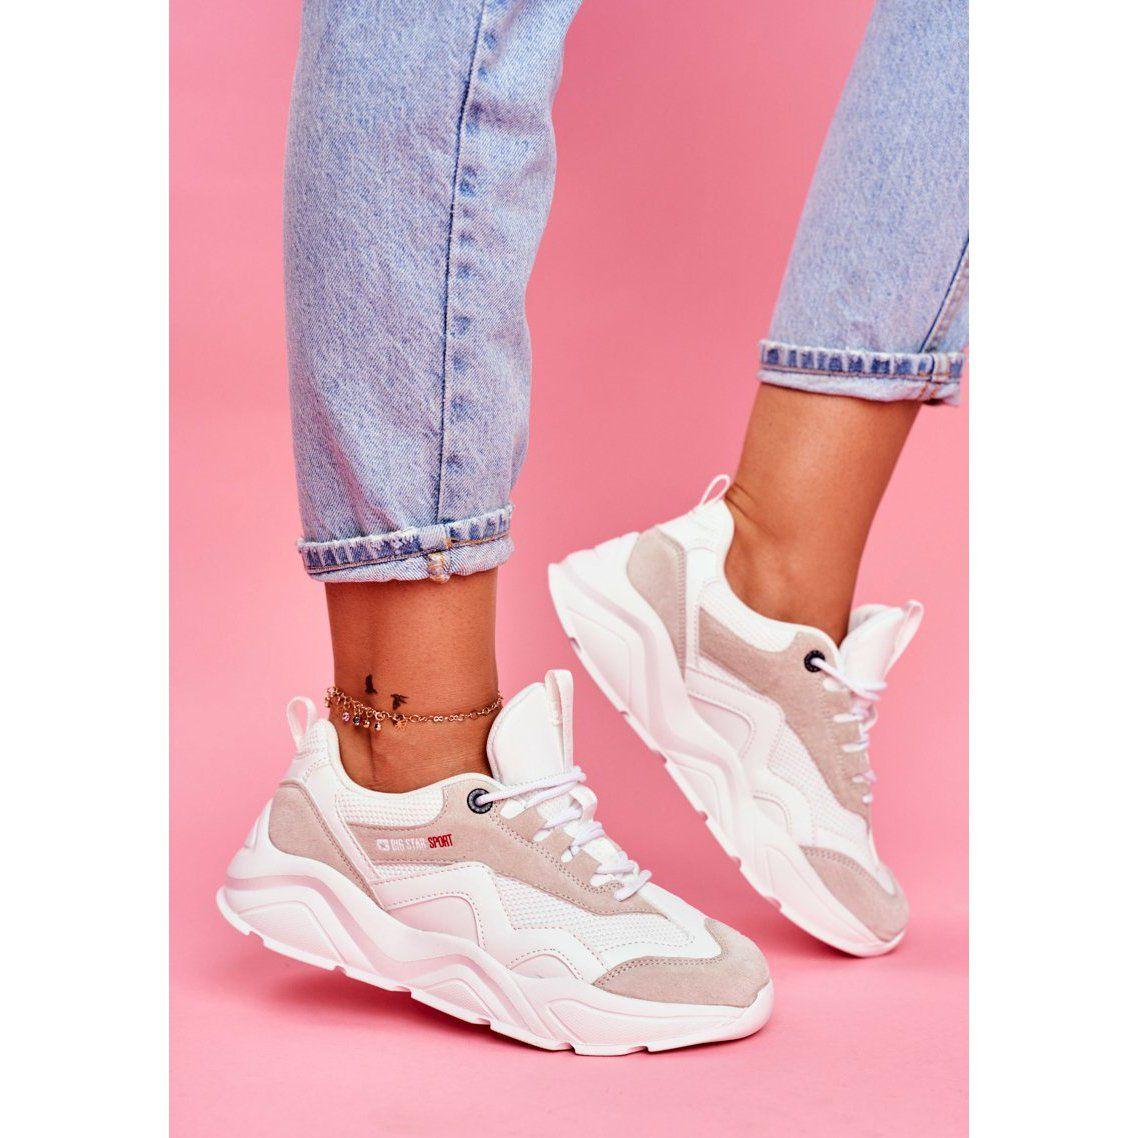 Damskie Sportowe Obuwie Sneakersy Big Star Biale Ff274958 Sneakers Nike Air Max Sneakers Shoes